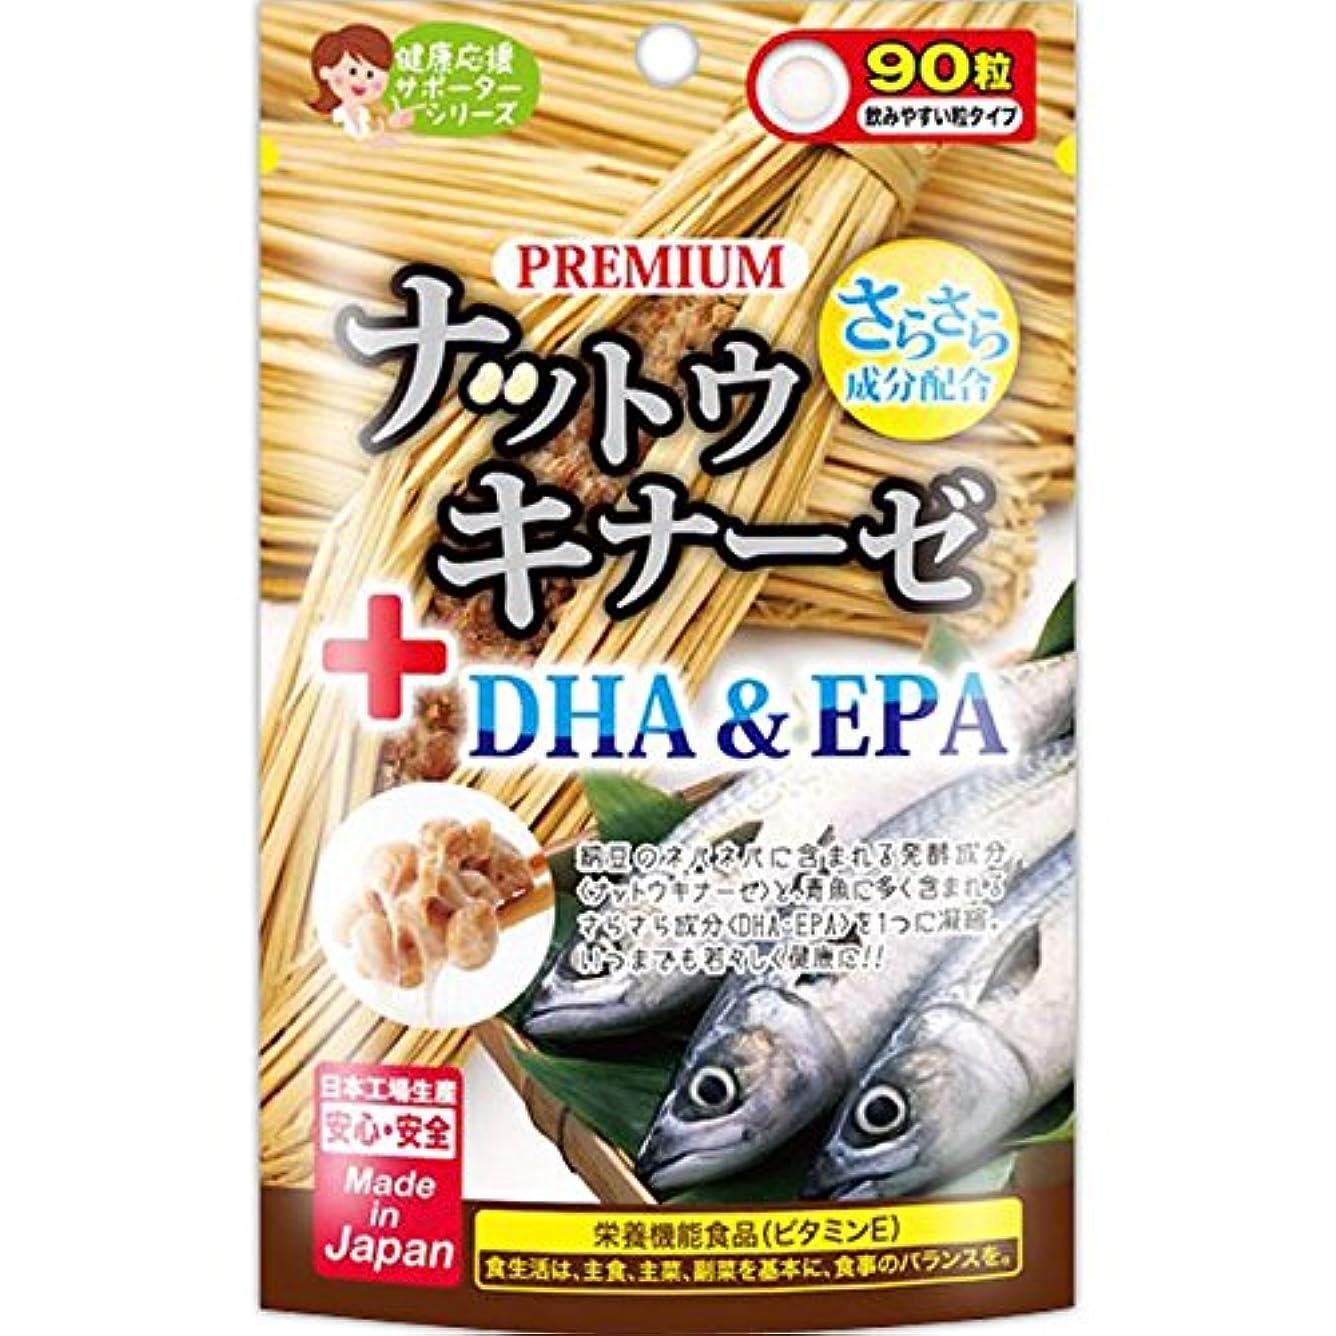 ナプキン成果胴体ジャパンギャルズ プレミアムナットウキナーゼ+DHA&EPA 90粒×5個セット